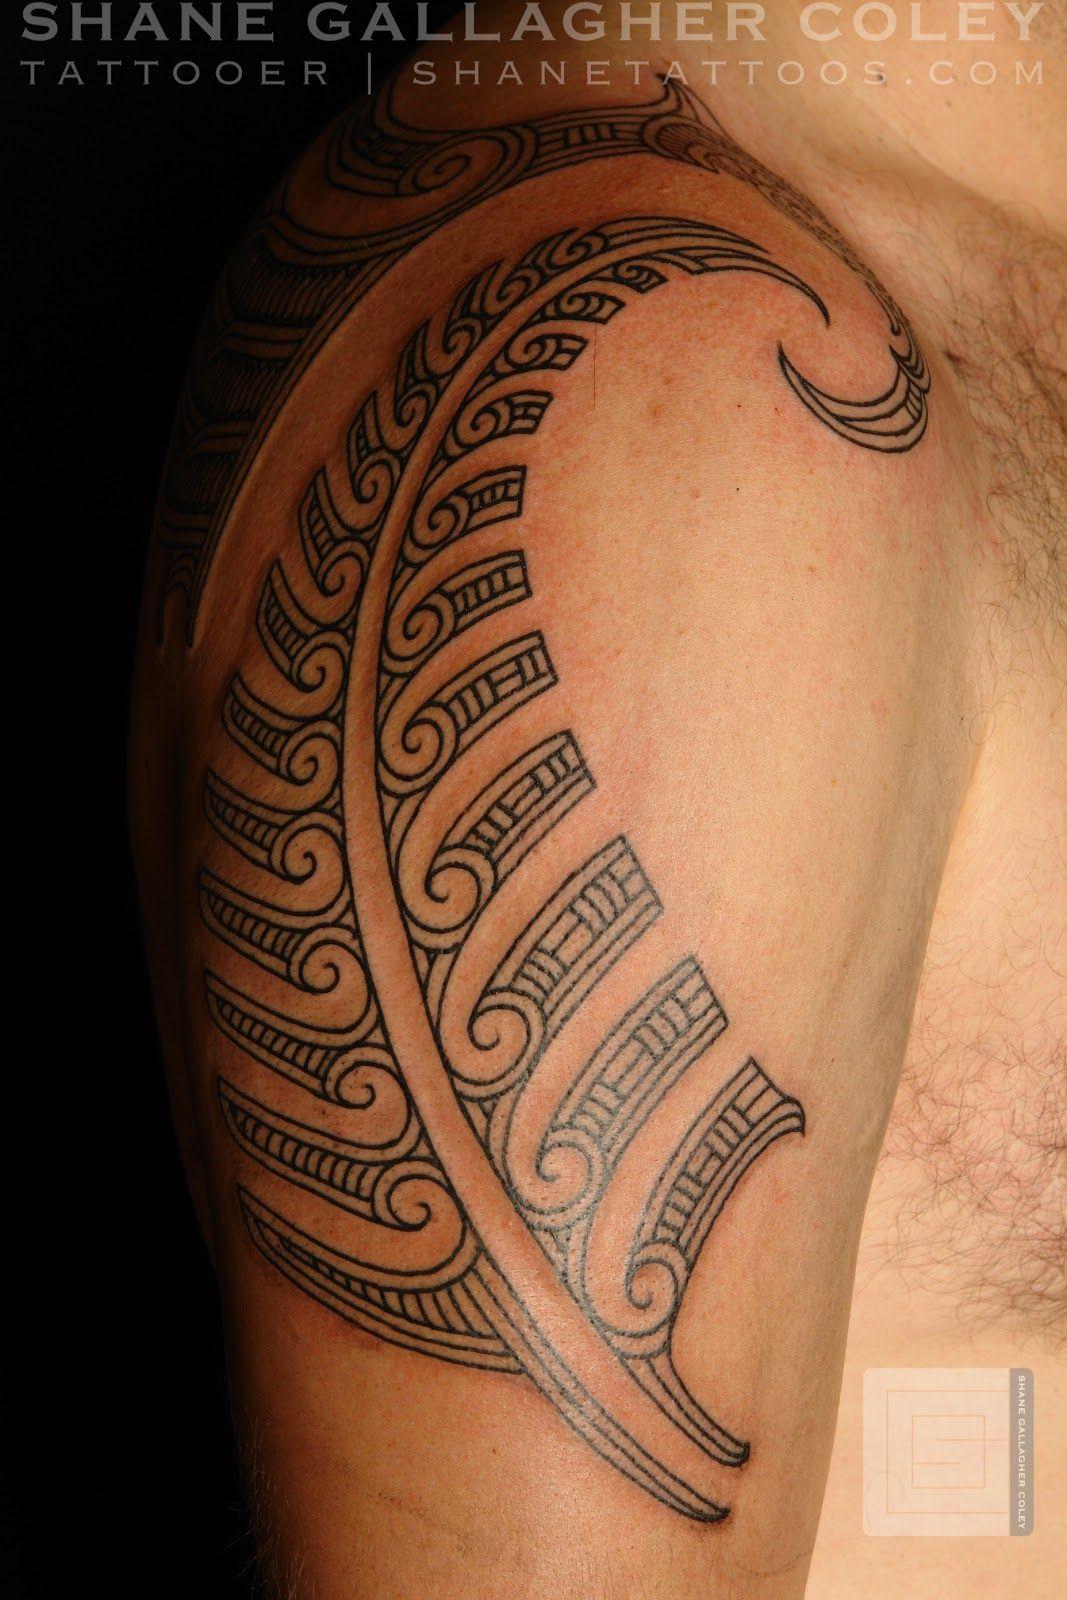 Maori Fern Tattoo: Image Result For Maori Fern Tattoos